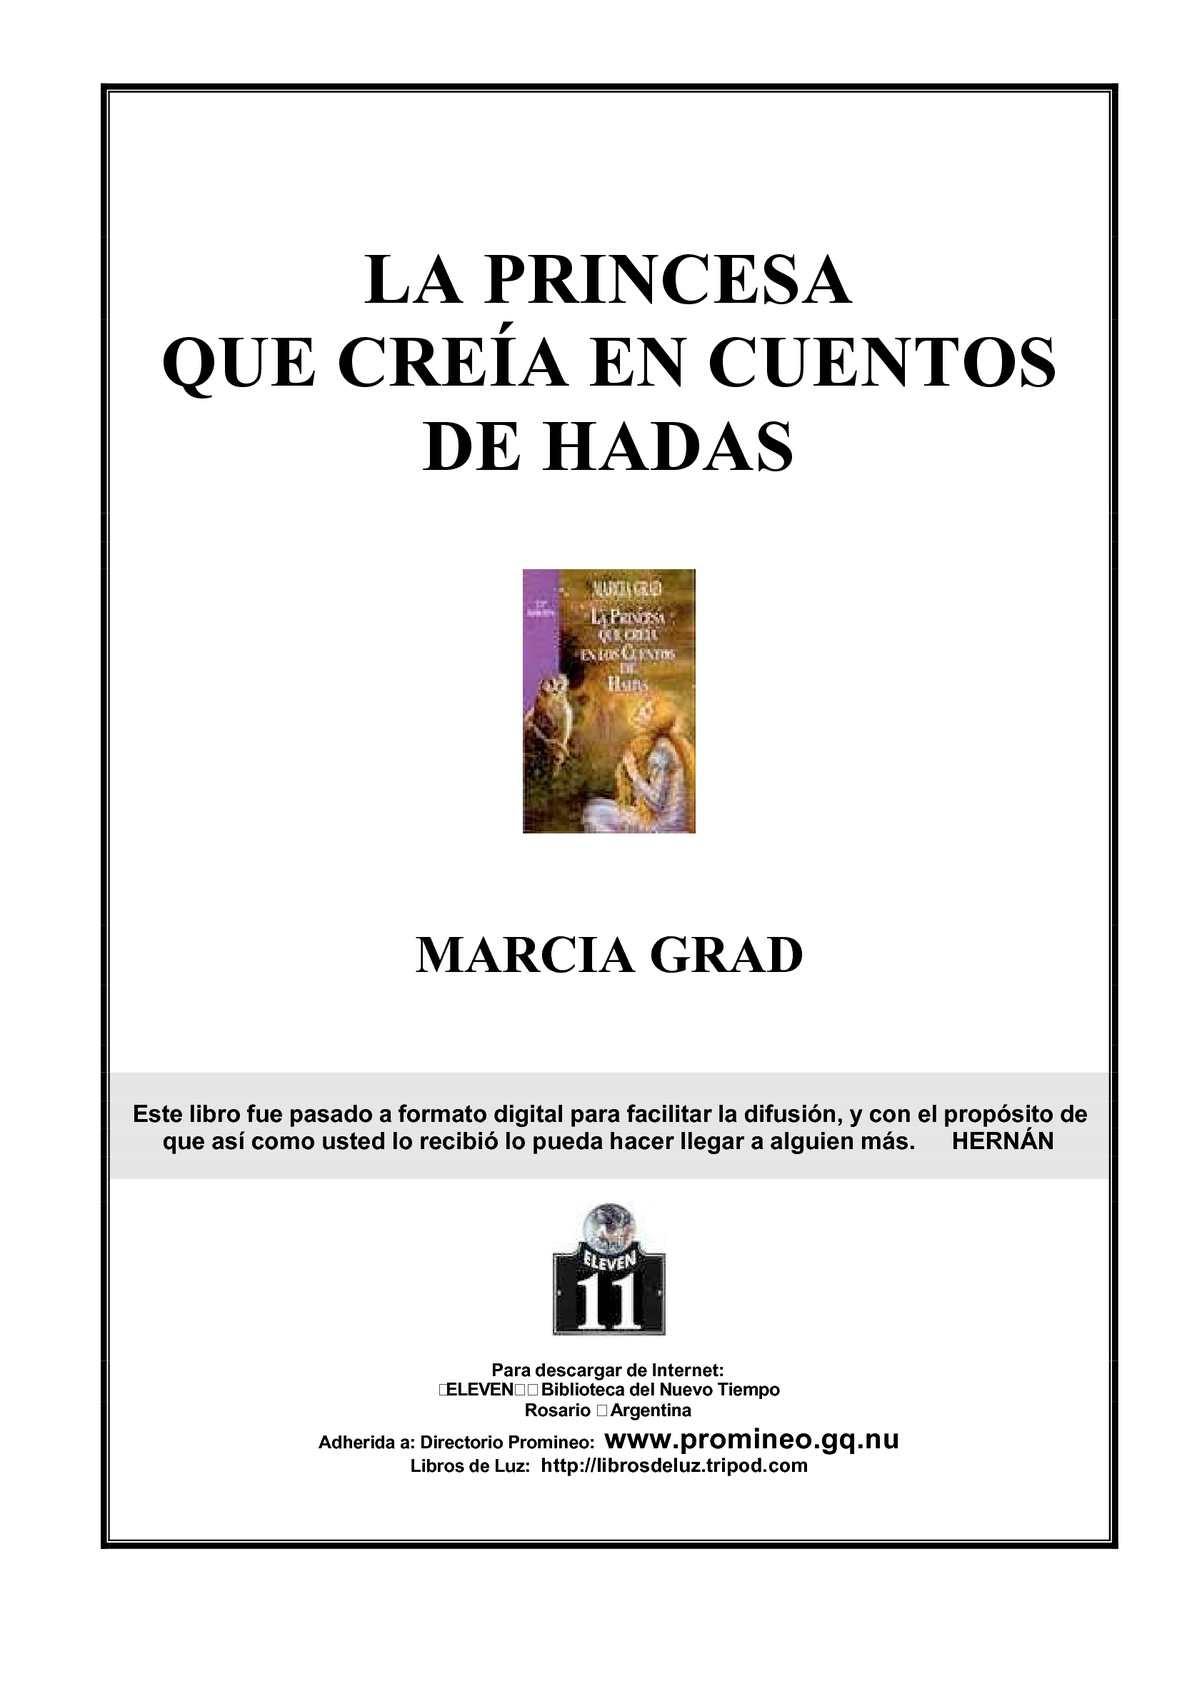 Calameo La Princesa Que Crea A En Cuentos De Hadas Marcia Grad